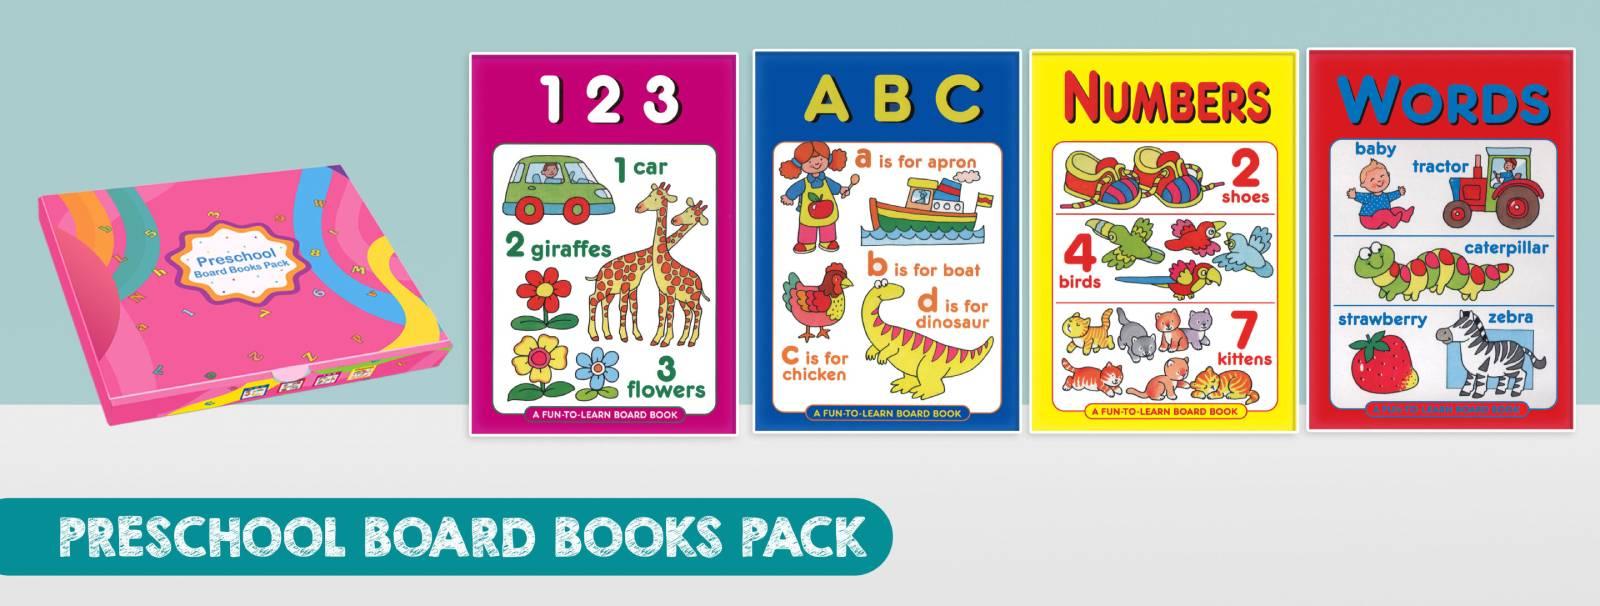 PRE-SCHOOL-BOARD-BOOK-1-scaled (1)